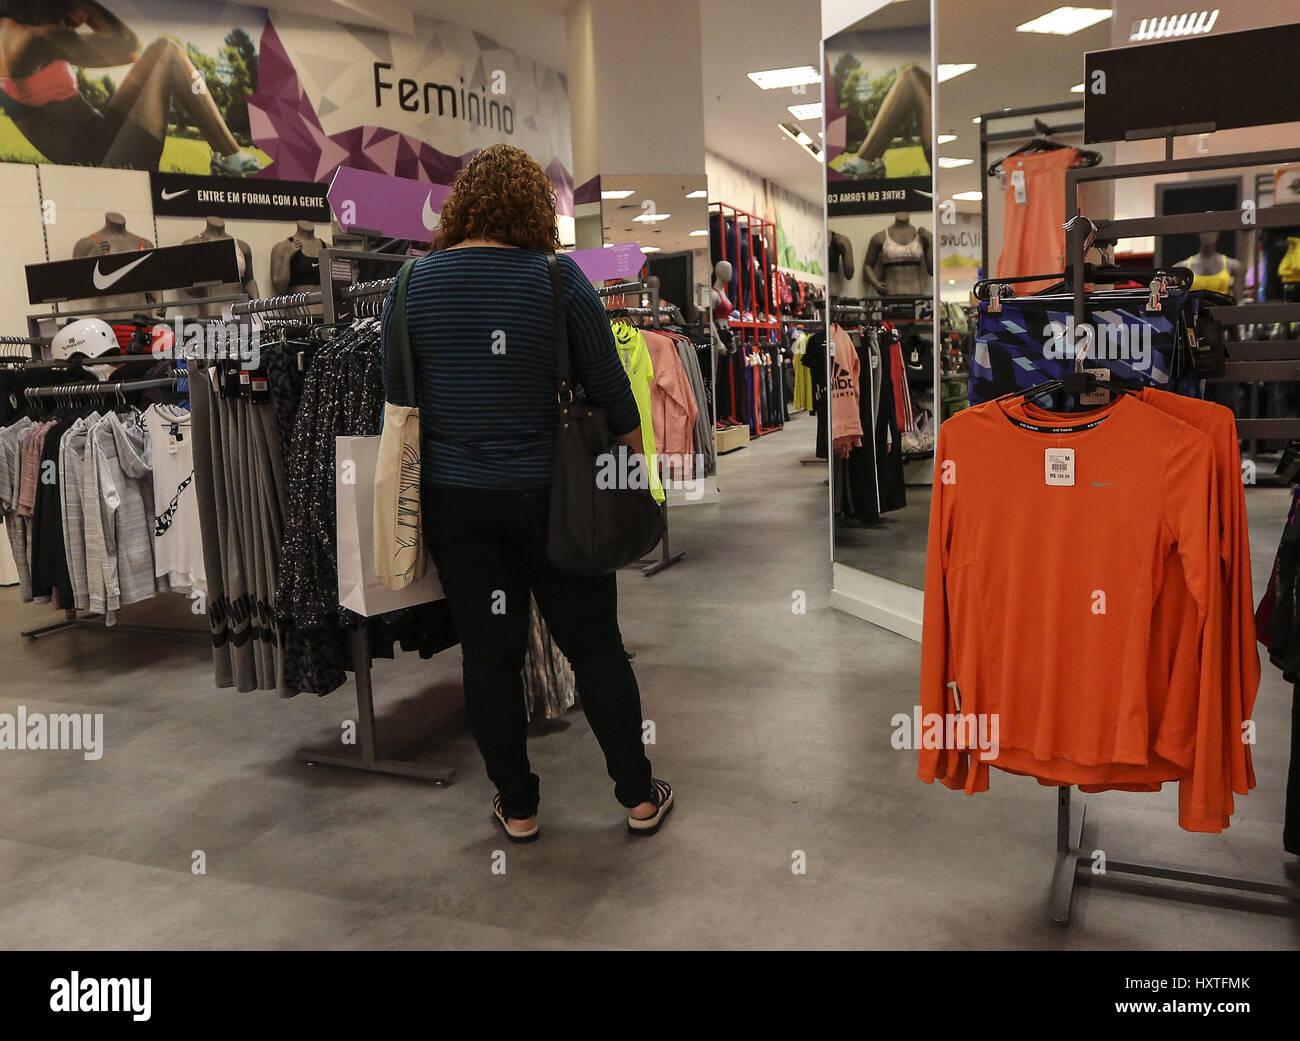 e571172762 A woman shops clothes at a mall in Rio de Janeiro